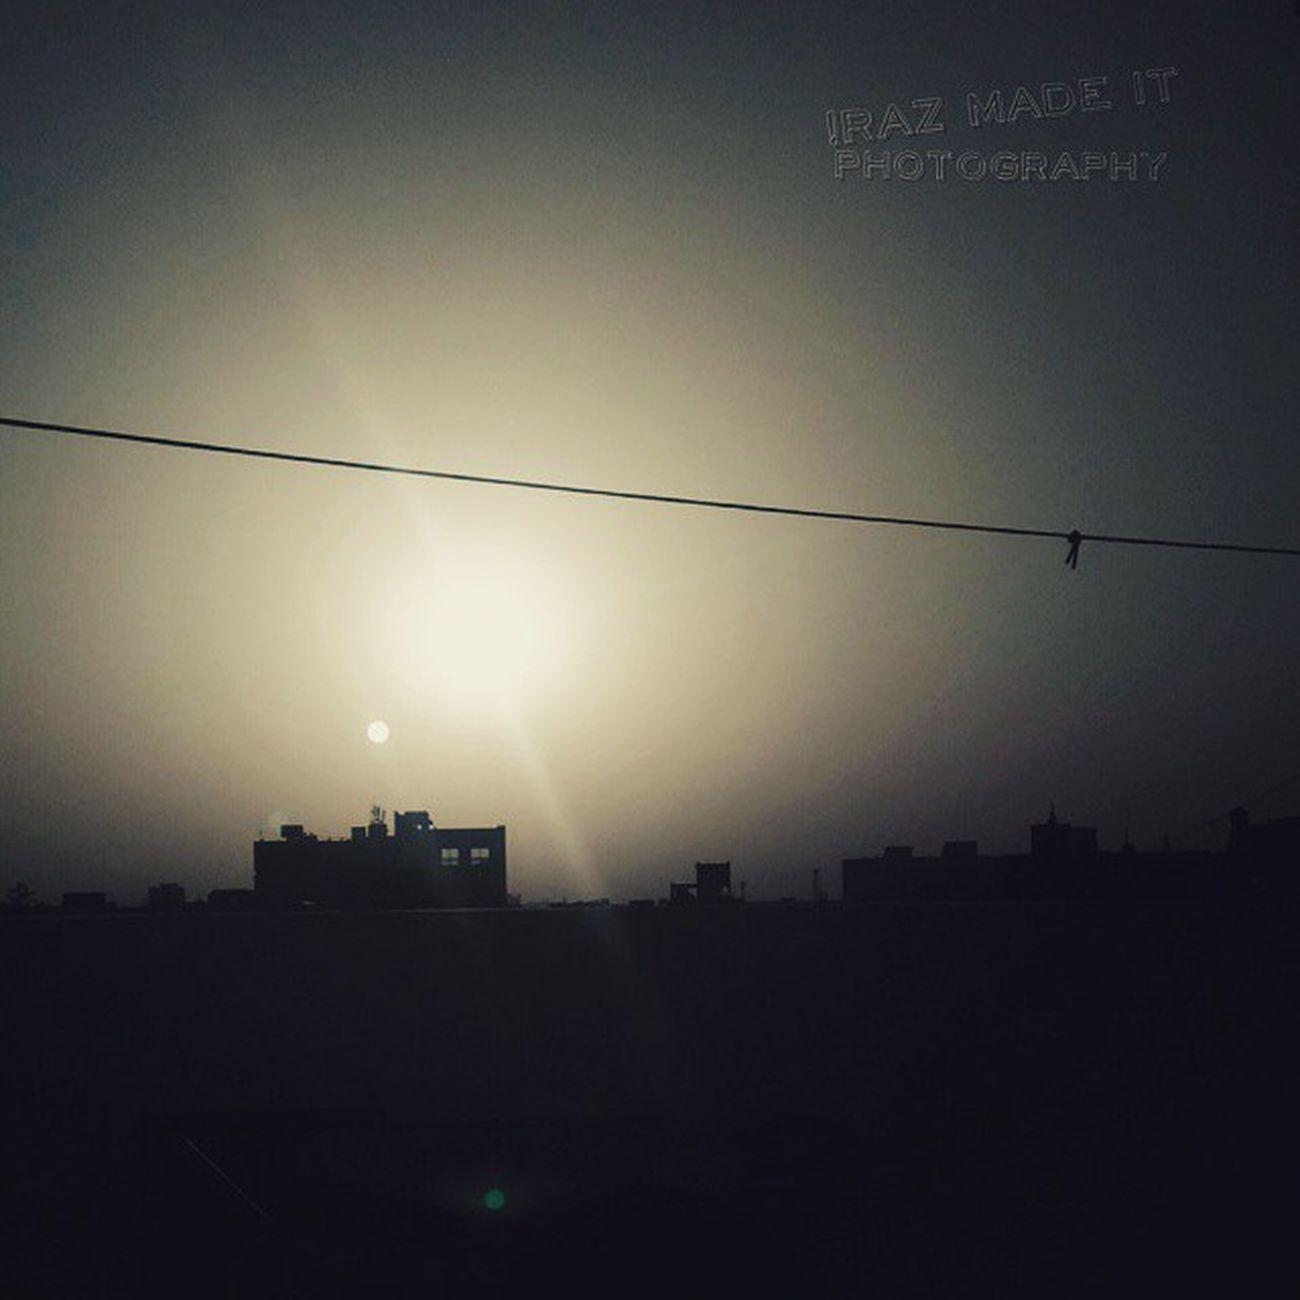 Irazmadeit Xperialogy Vscocam Viewadict Monday AhmedabadíMorning Summertime Razmadeit RiseNshine Photogrid